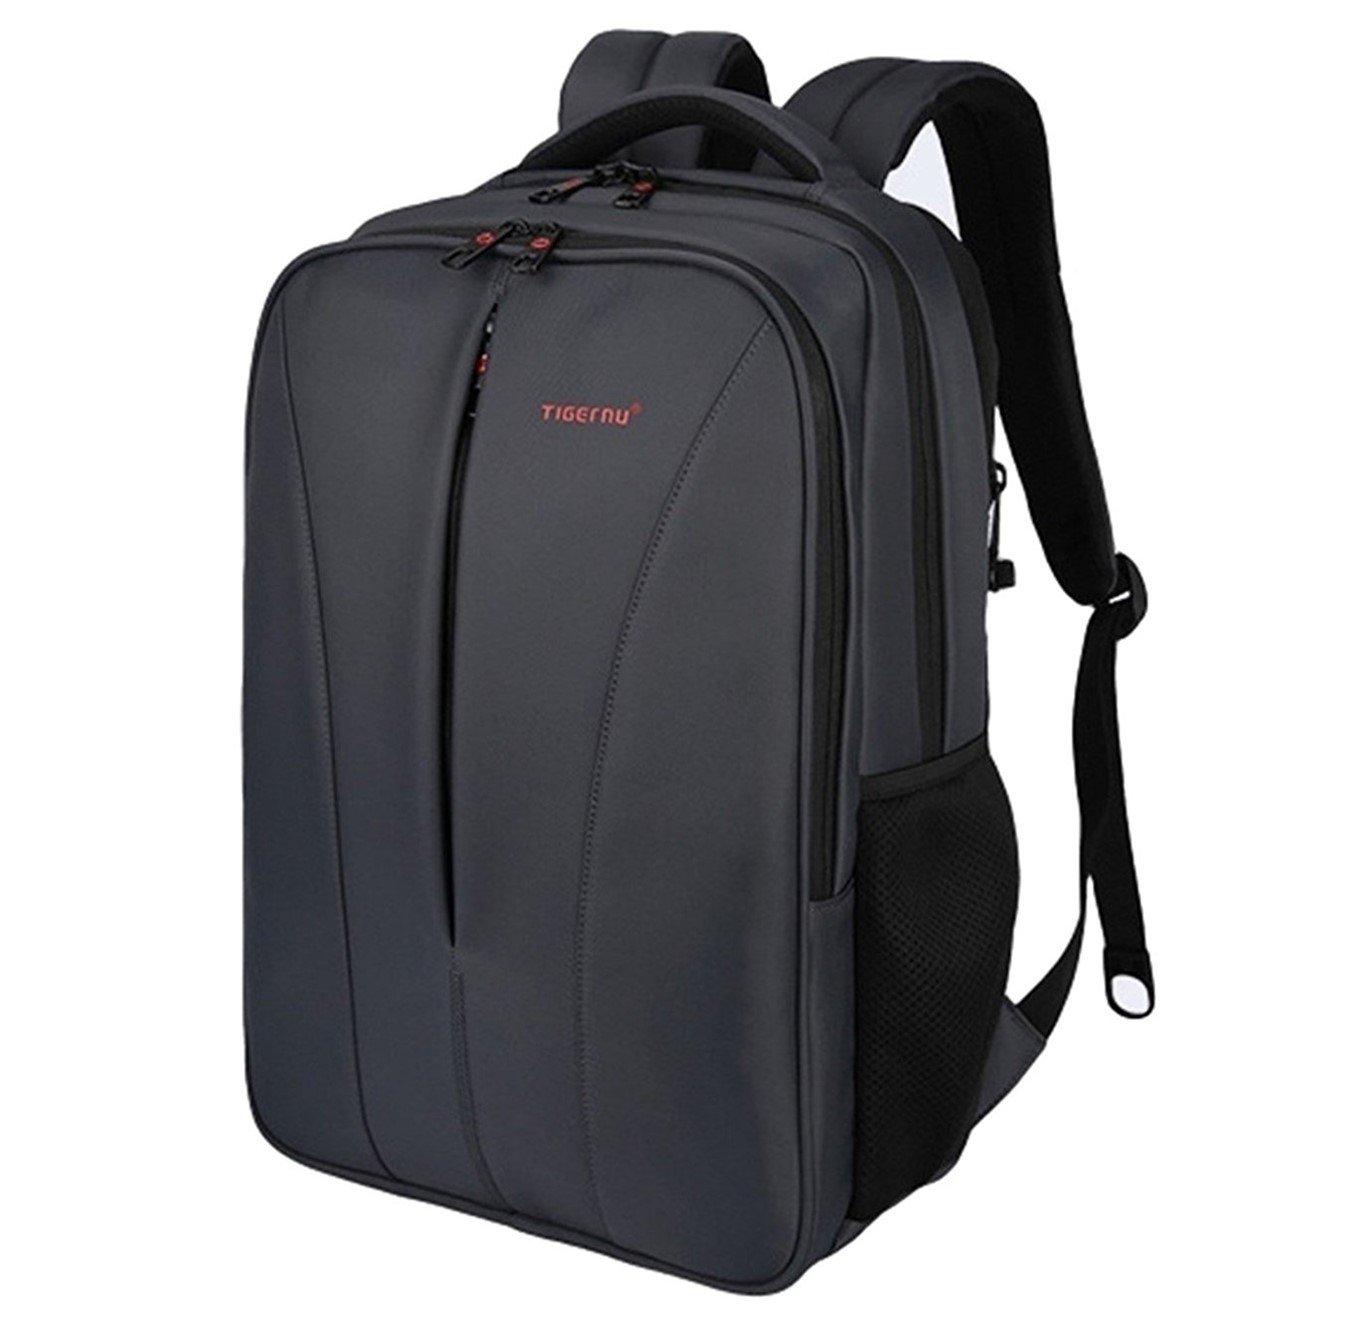 リュック メンズ ビジネス 大容量 人気 PC収納 防水 ビジネスリュックサック USBポート付 通勤 通学 出張 旅行 (ダークグレー) B0781FV4TW ダークグレー ダークグレー